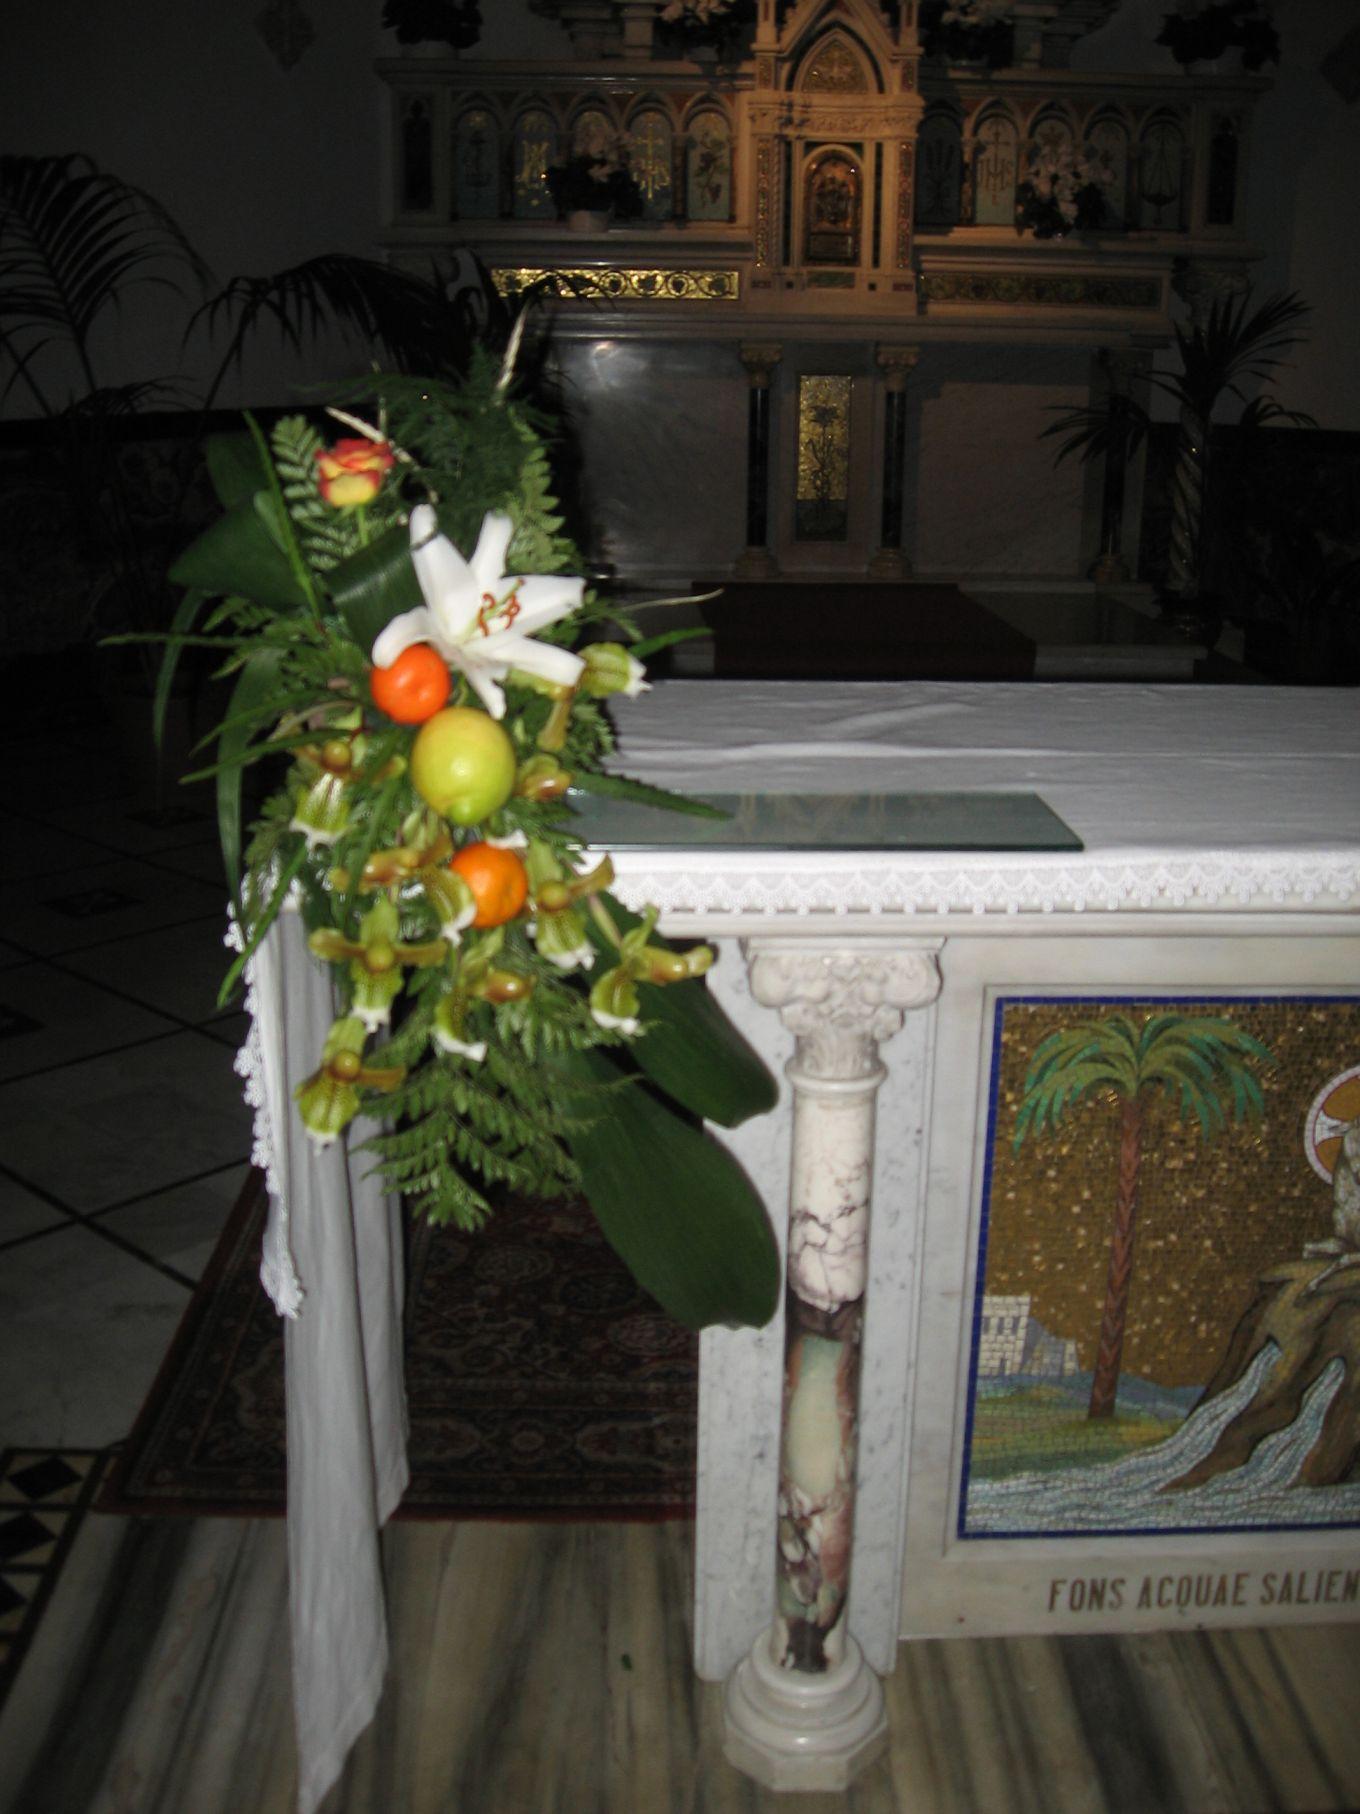 Chiesa_matrimonio-2008-12-14--10.06.00.jpg